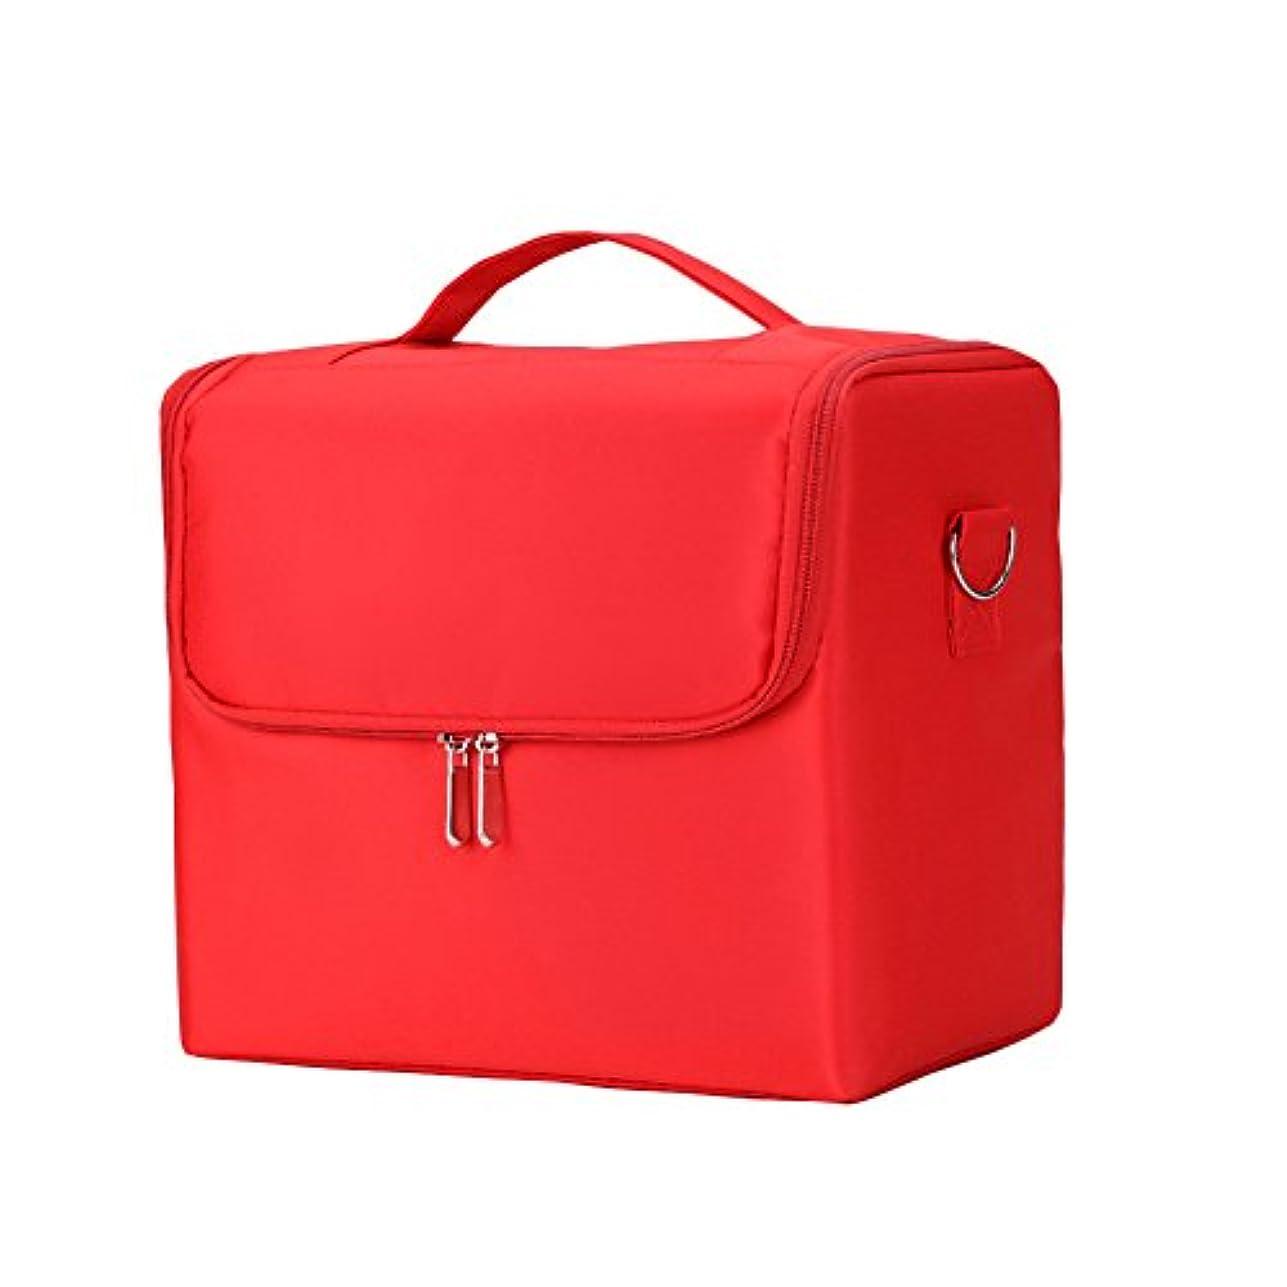 愛情深い日没混乱させるSIRIN メイクボックス コスメボックス 大容量 化粧品収納ボックス 収納ケース 小物入れ 大容量 取っ手付 4段階 4色 (レッド)